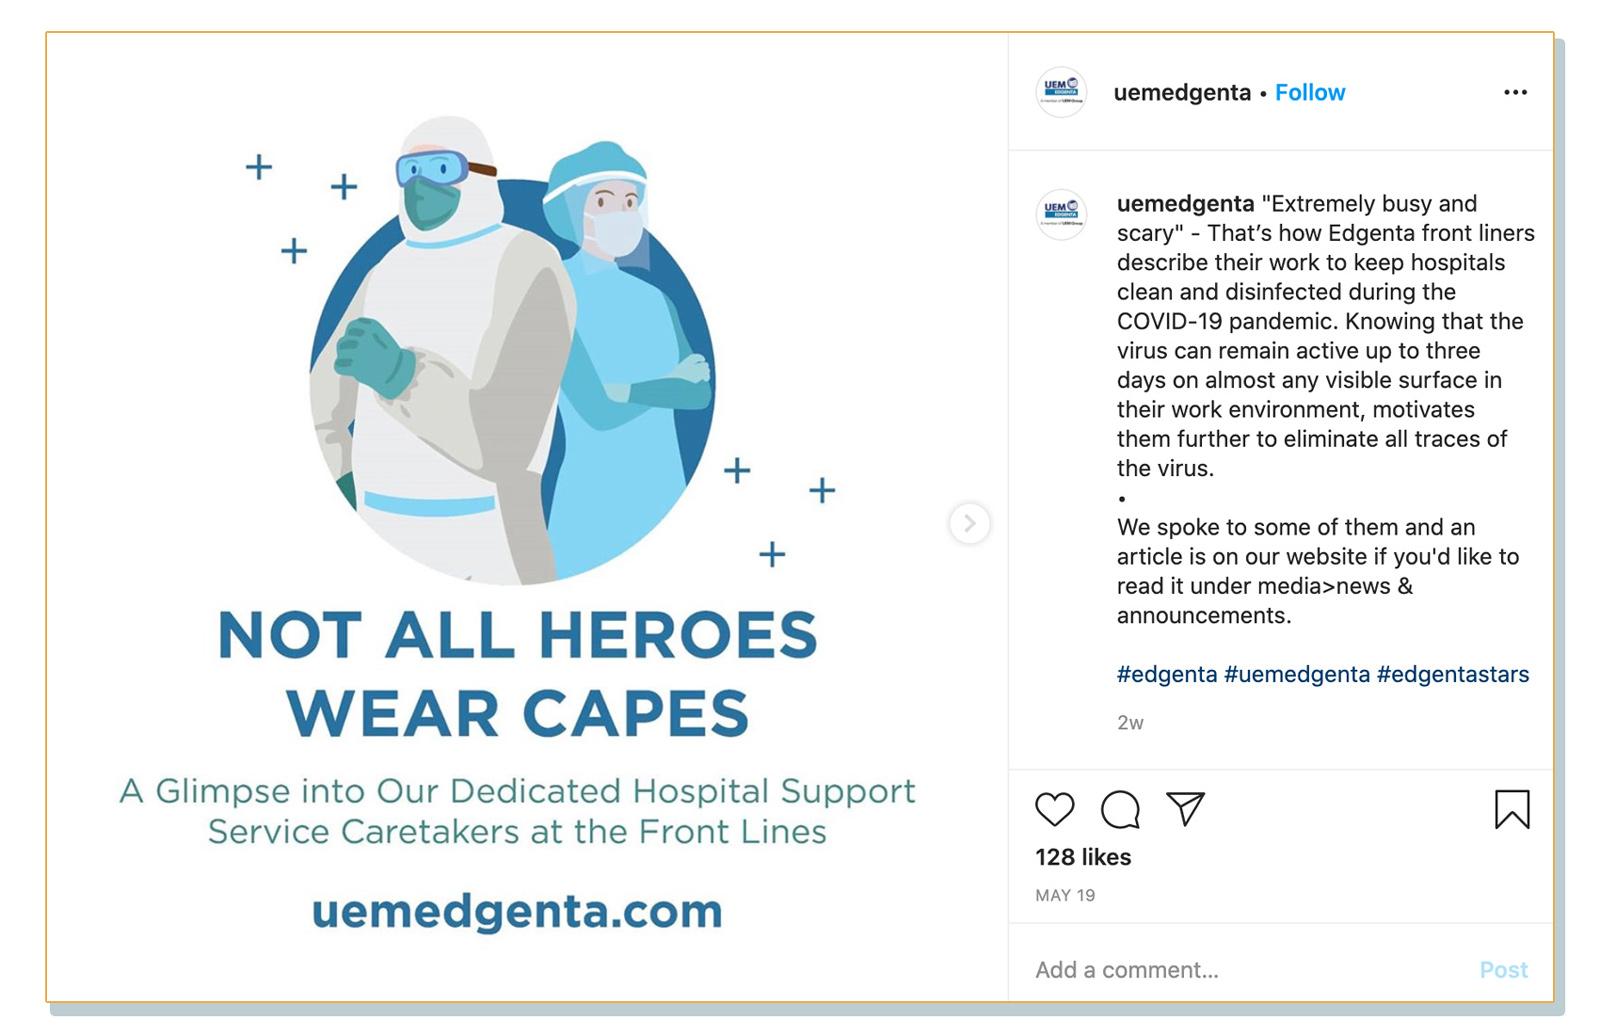 Hantaran dari laman Instagram rasmi UEMS, di mana syarikat itu mengiklankan artikel di laman web mereka yang menemu ramah pekerja perkhidmatan hospital diupah mereka.